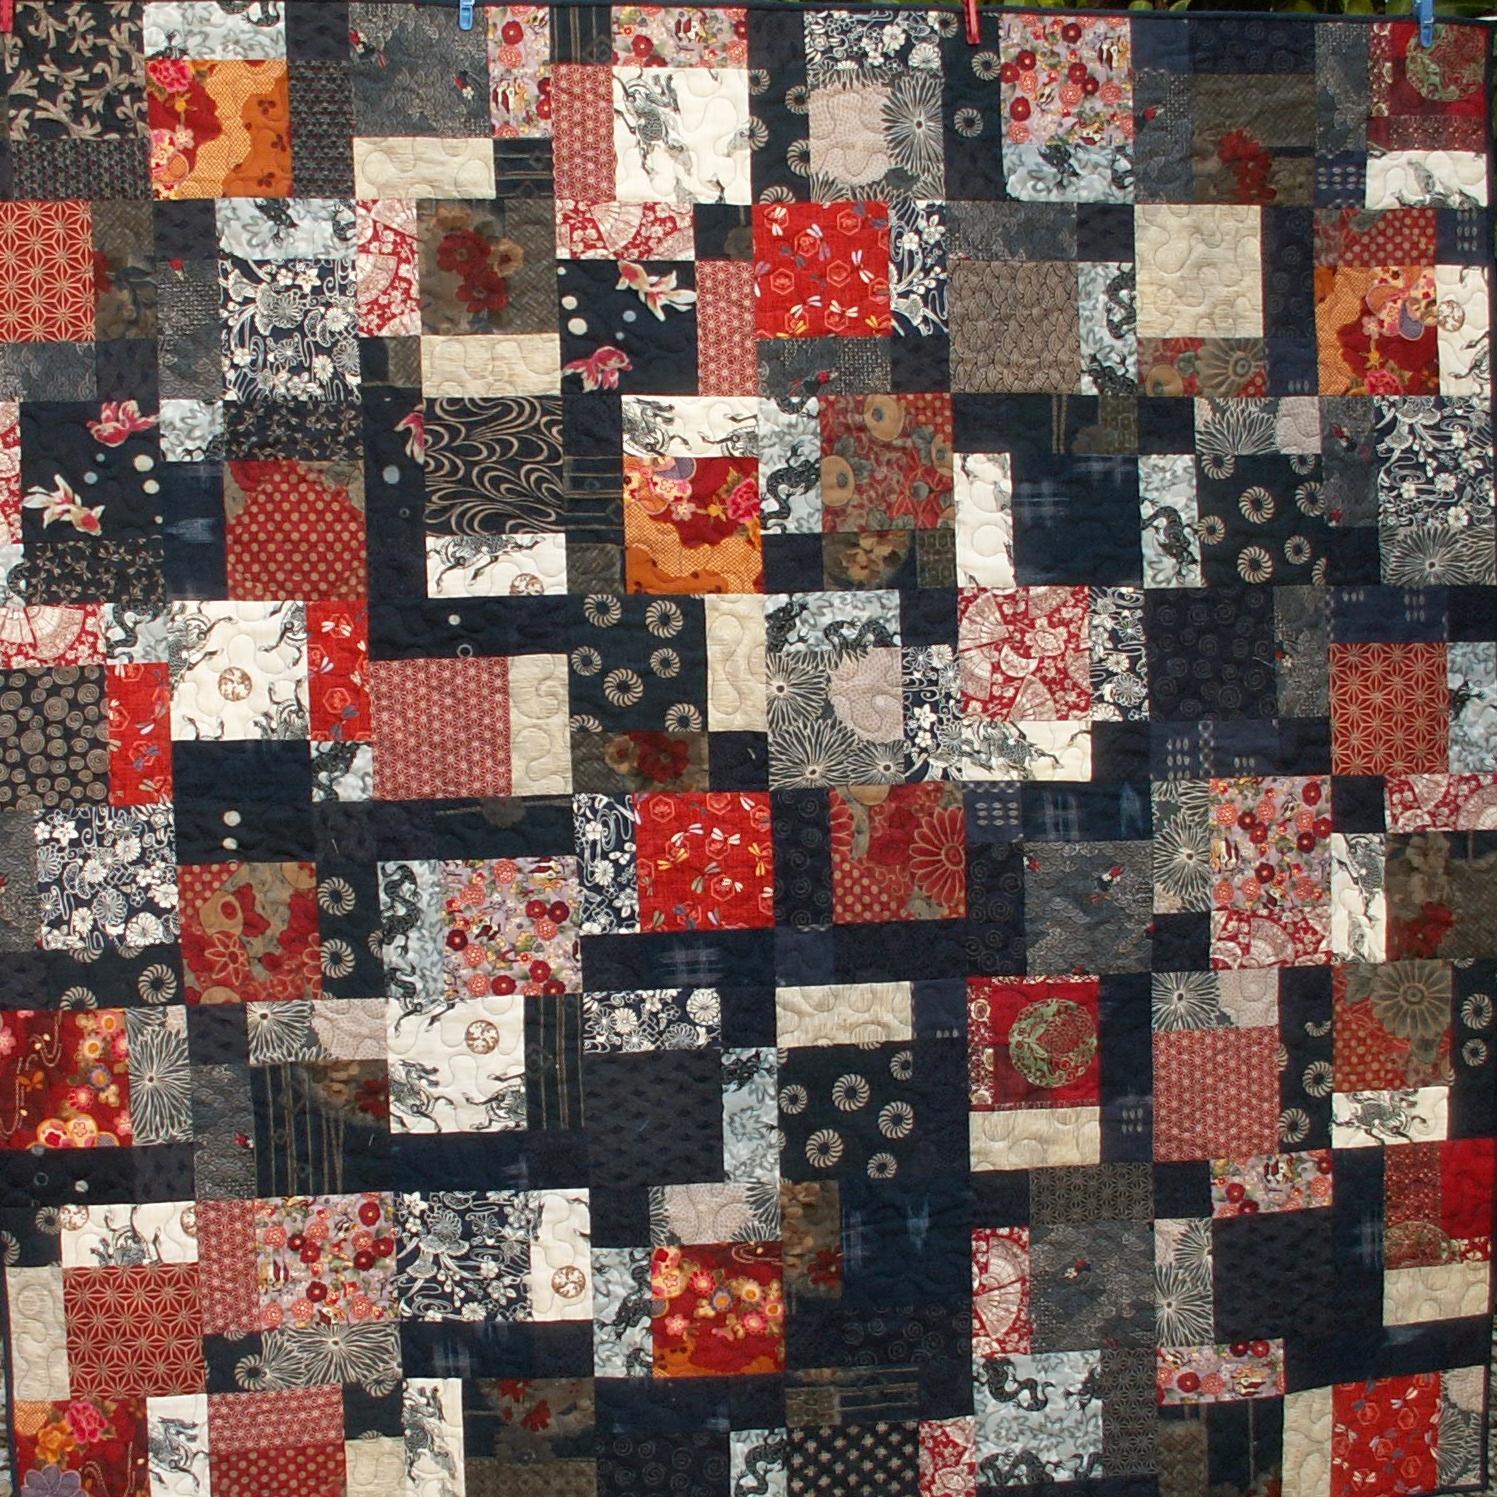 """Quilt réalisé par Béatrice De Nève Pollet -création - modèle du """"disappearing nine patch"""" - tissus rapportés du Japon"""